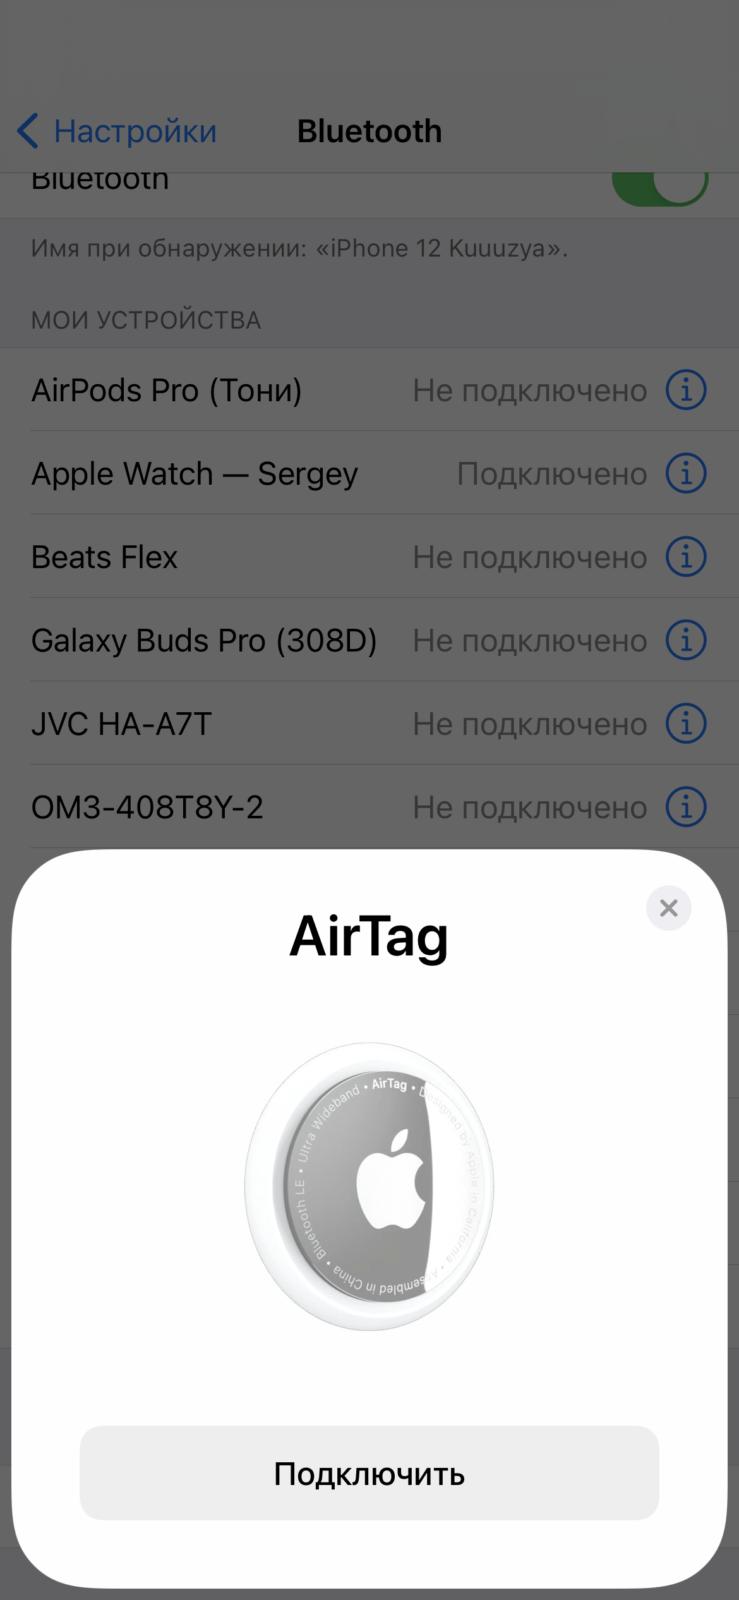 Обзор Apple AirTag: легко найти и невозможно потерять (img 1141)